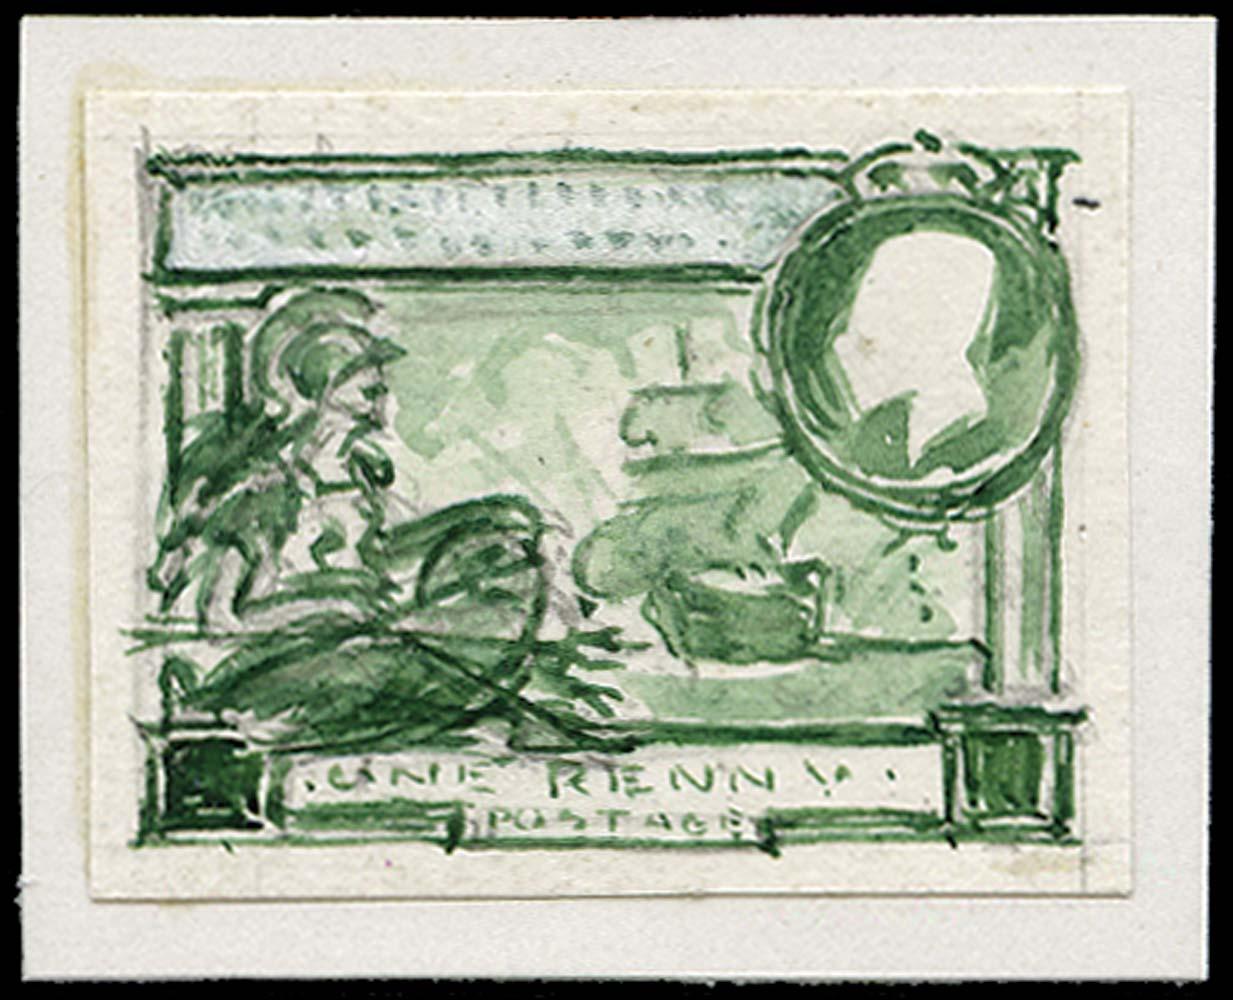 GB 1925  SG432 Essay British Empire Exhibition unissued